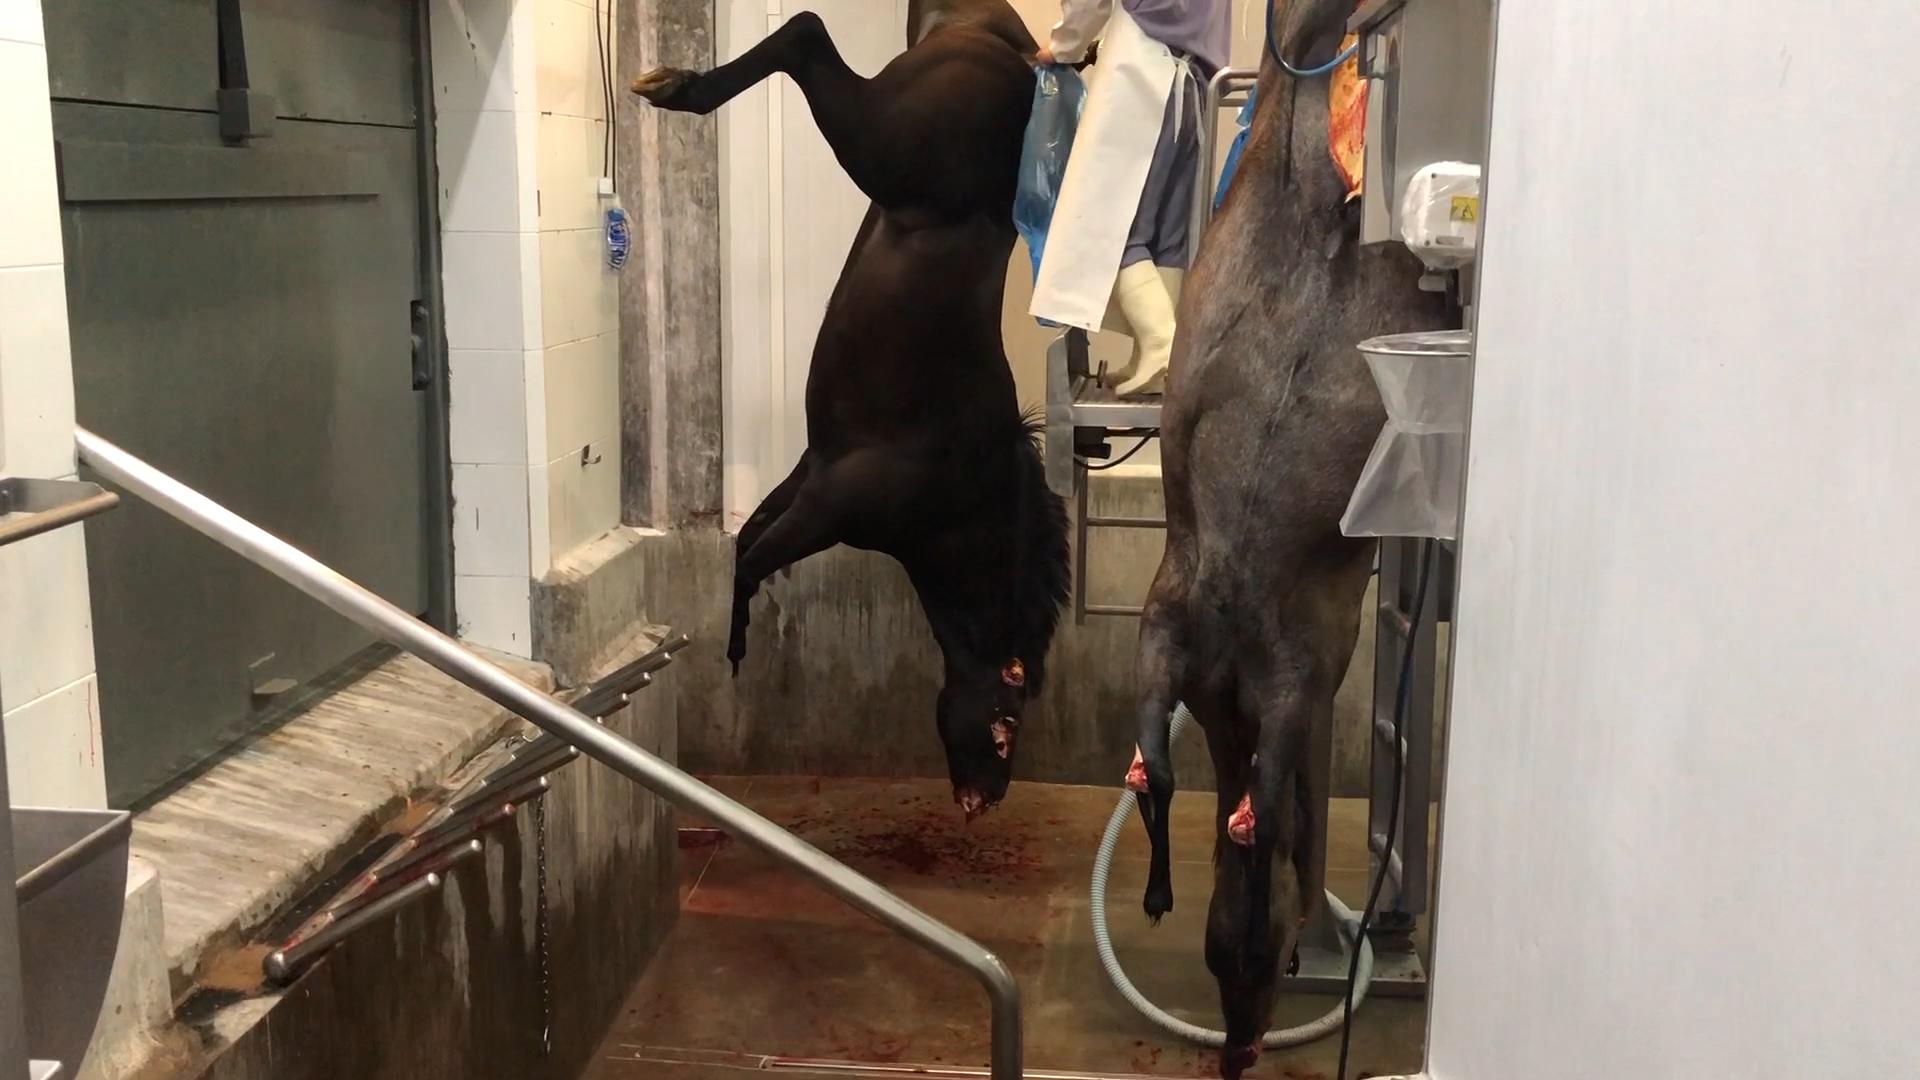 Grupos Animalistas Aseguran Que Detrás De La Exportación De Carne De Caballo Hay Cuatrerismo Mafias Y Crueldad Animal Infobae